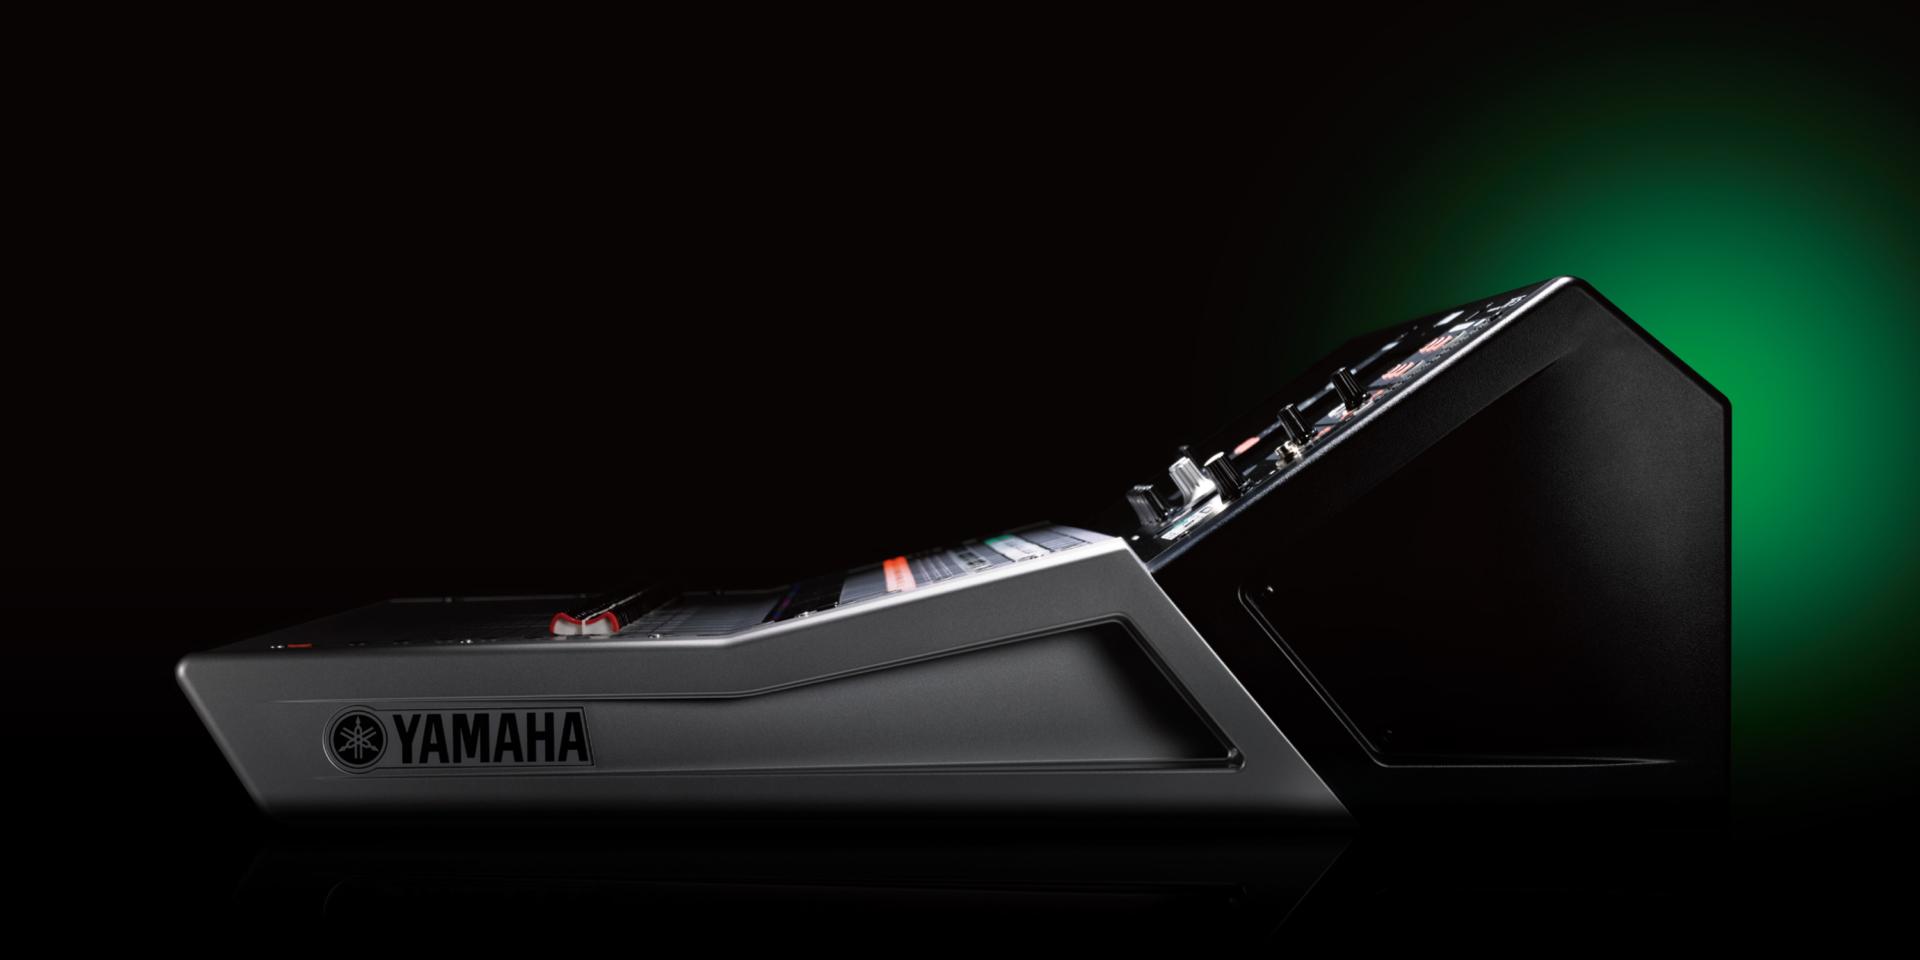 La serie TF combina il know-how Yamaha con la più recente tecnologia multi-touch-screen per offrire un'esperienza di lavoro più fluida e una praticità senza precedenti nel mondo delle piccole console.